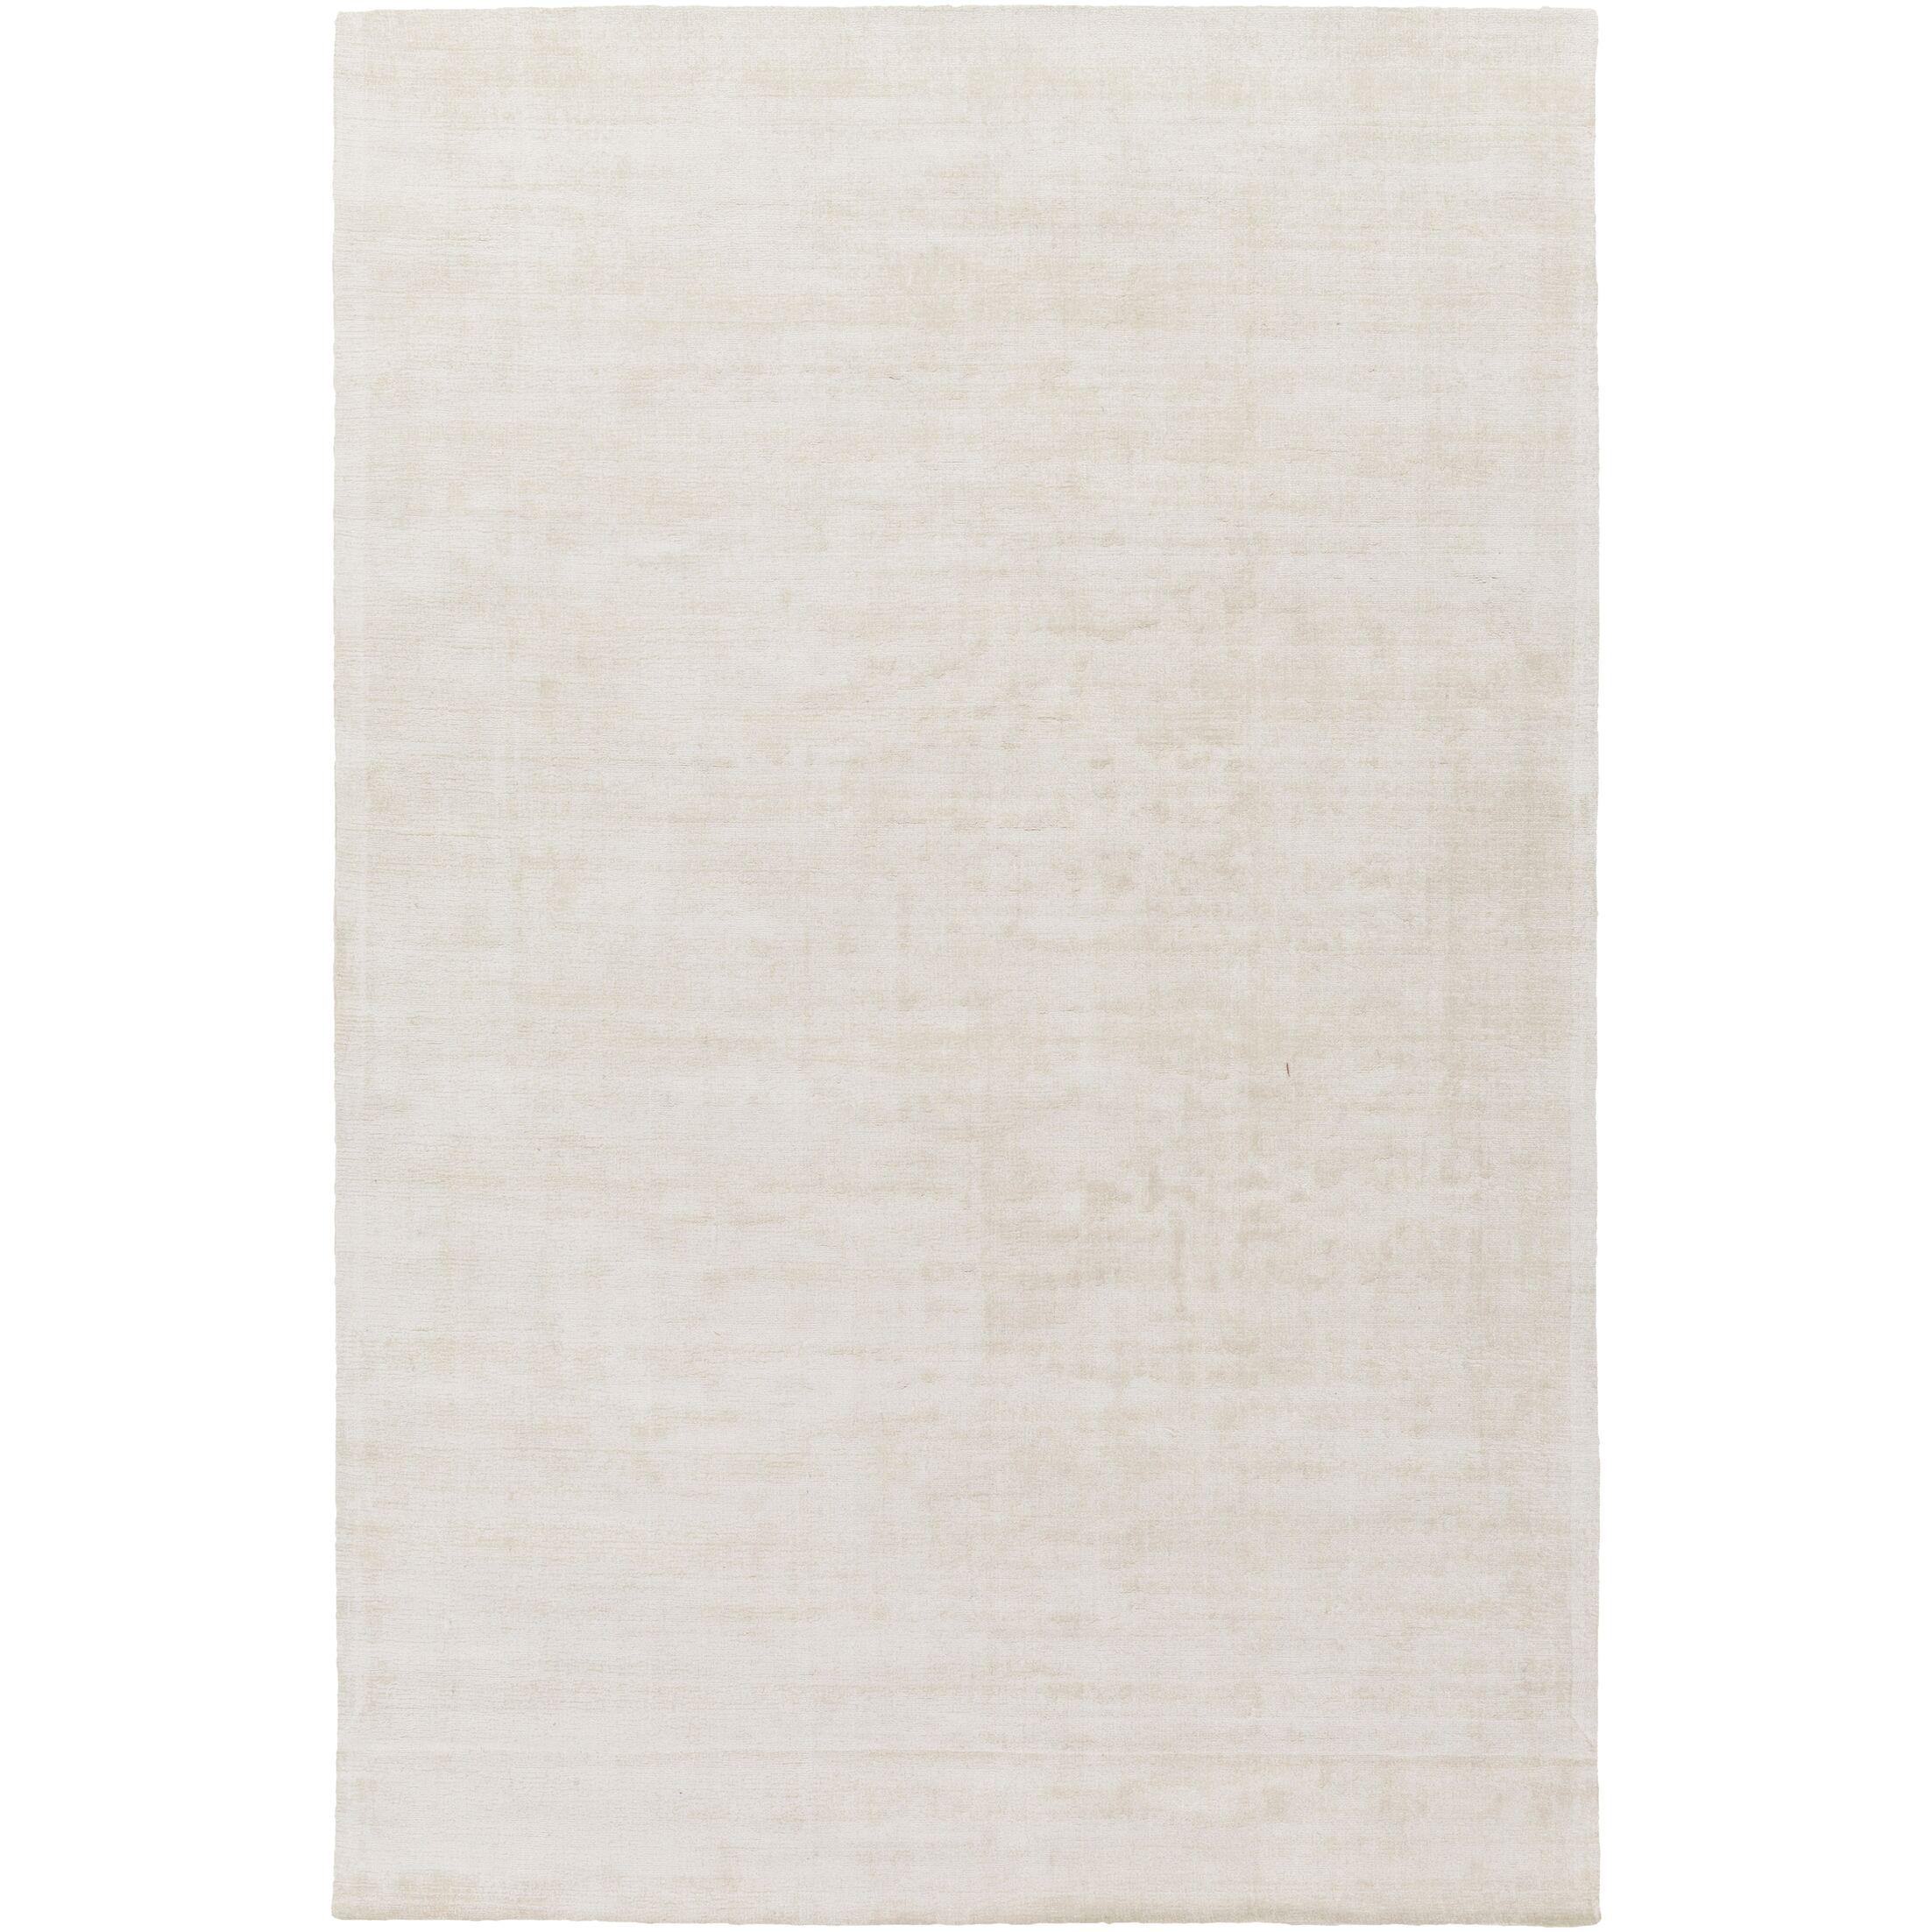 Goldston Hand-Loomed Khaki Area Rug Rug Size: Runner 2'6